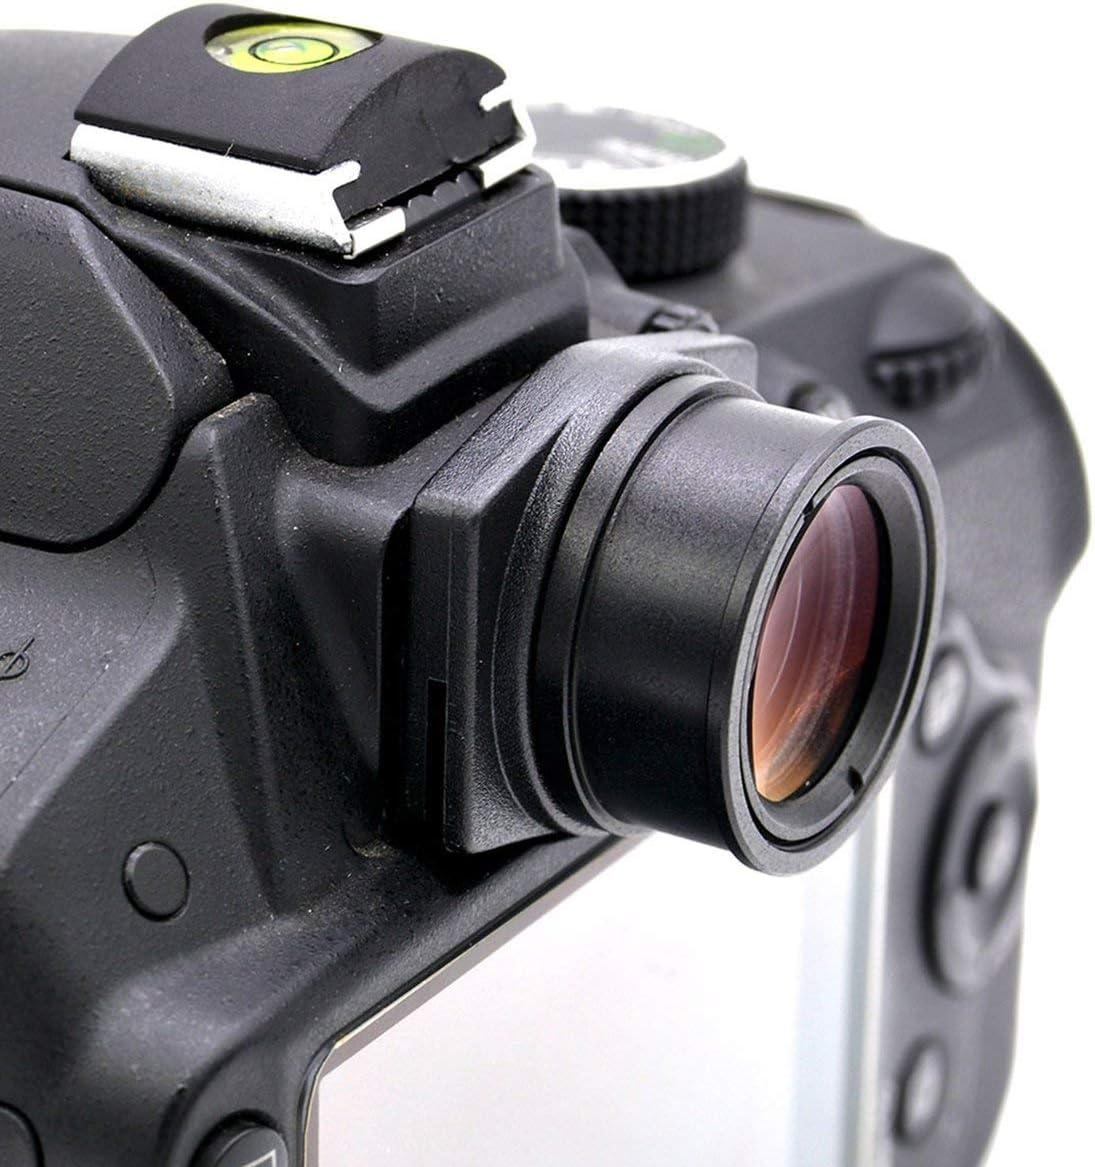 1,3-Fach Zoom Lupe Okular Augenmuschelsucher Fr Sony A350 A550 ...